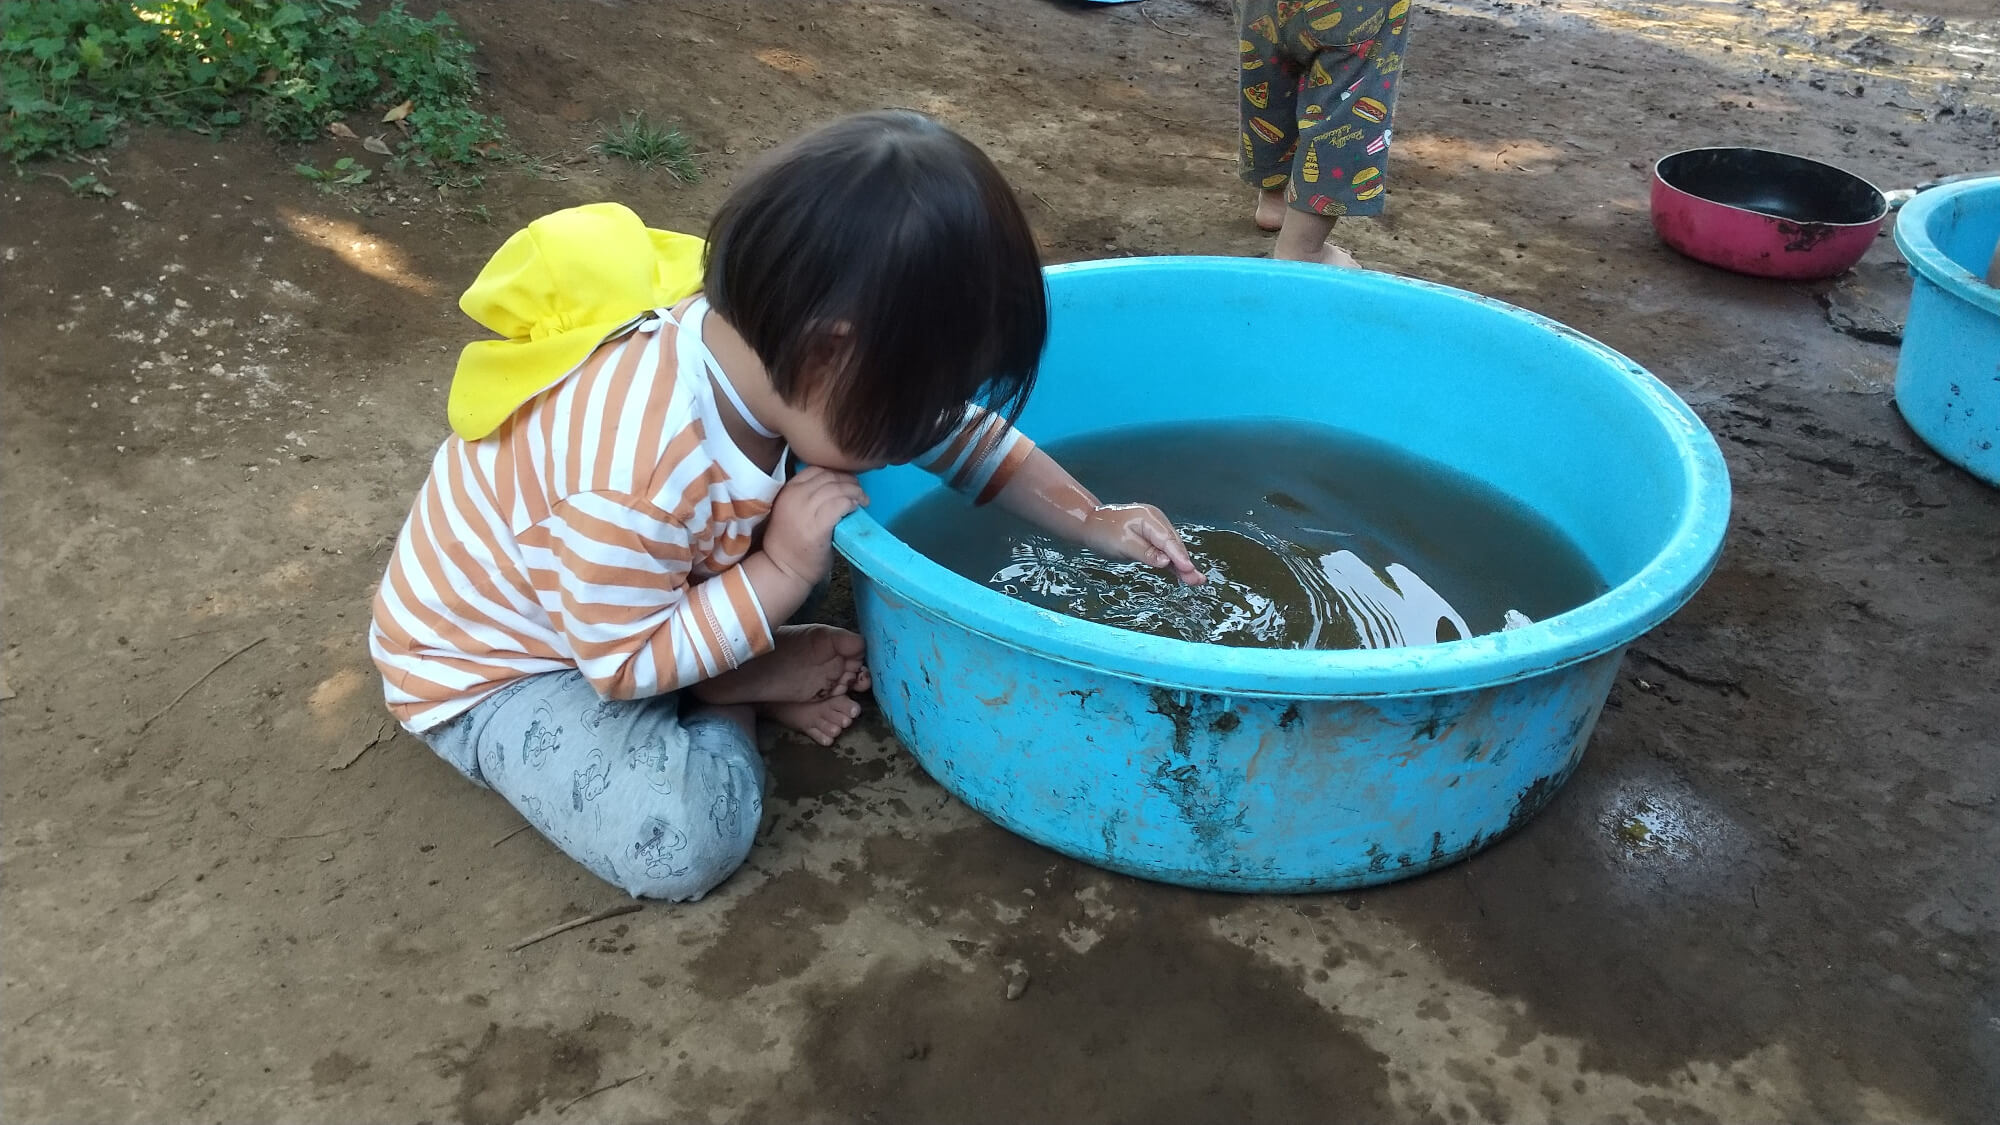 たらいに溜めた水で遊ぶ子ども